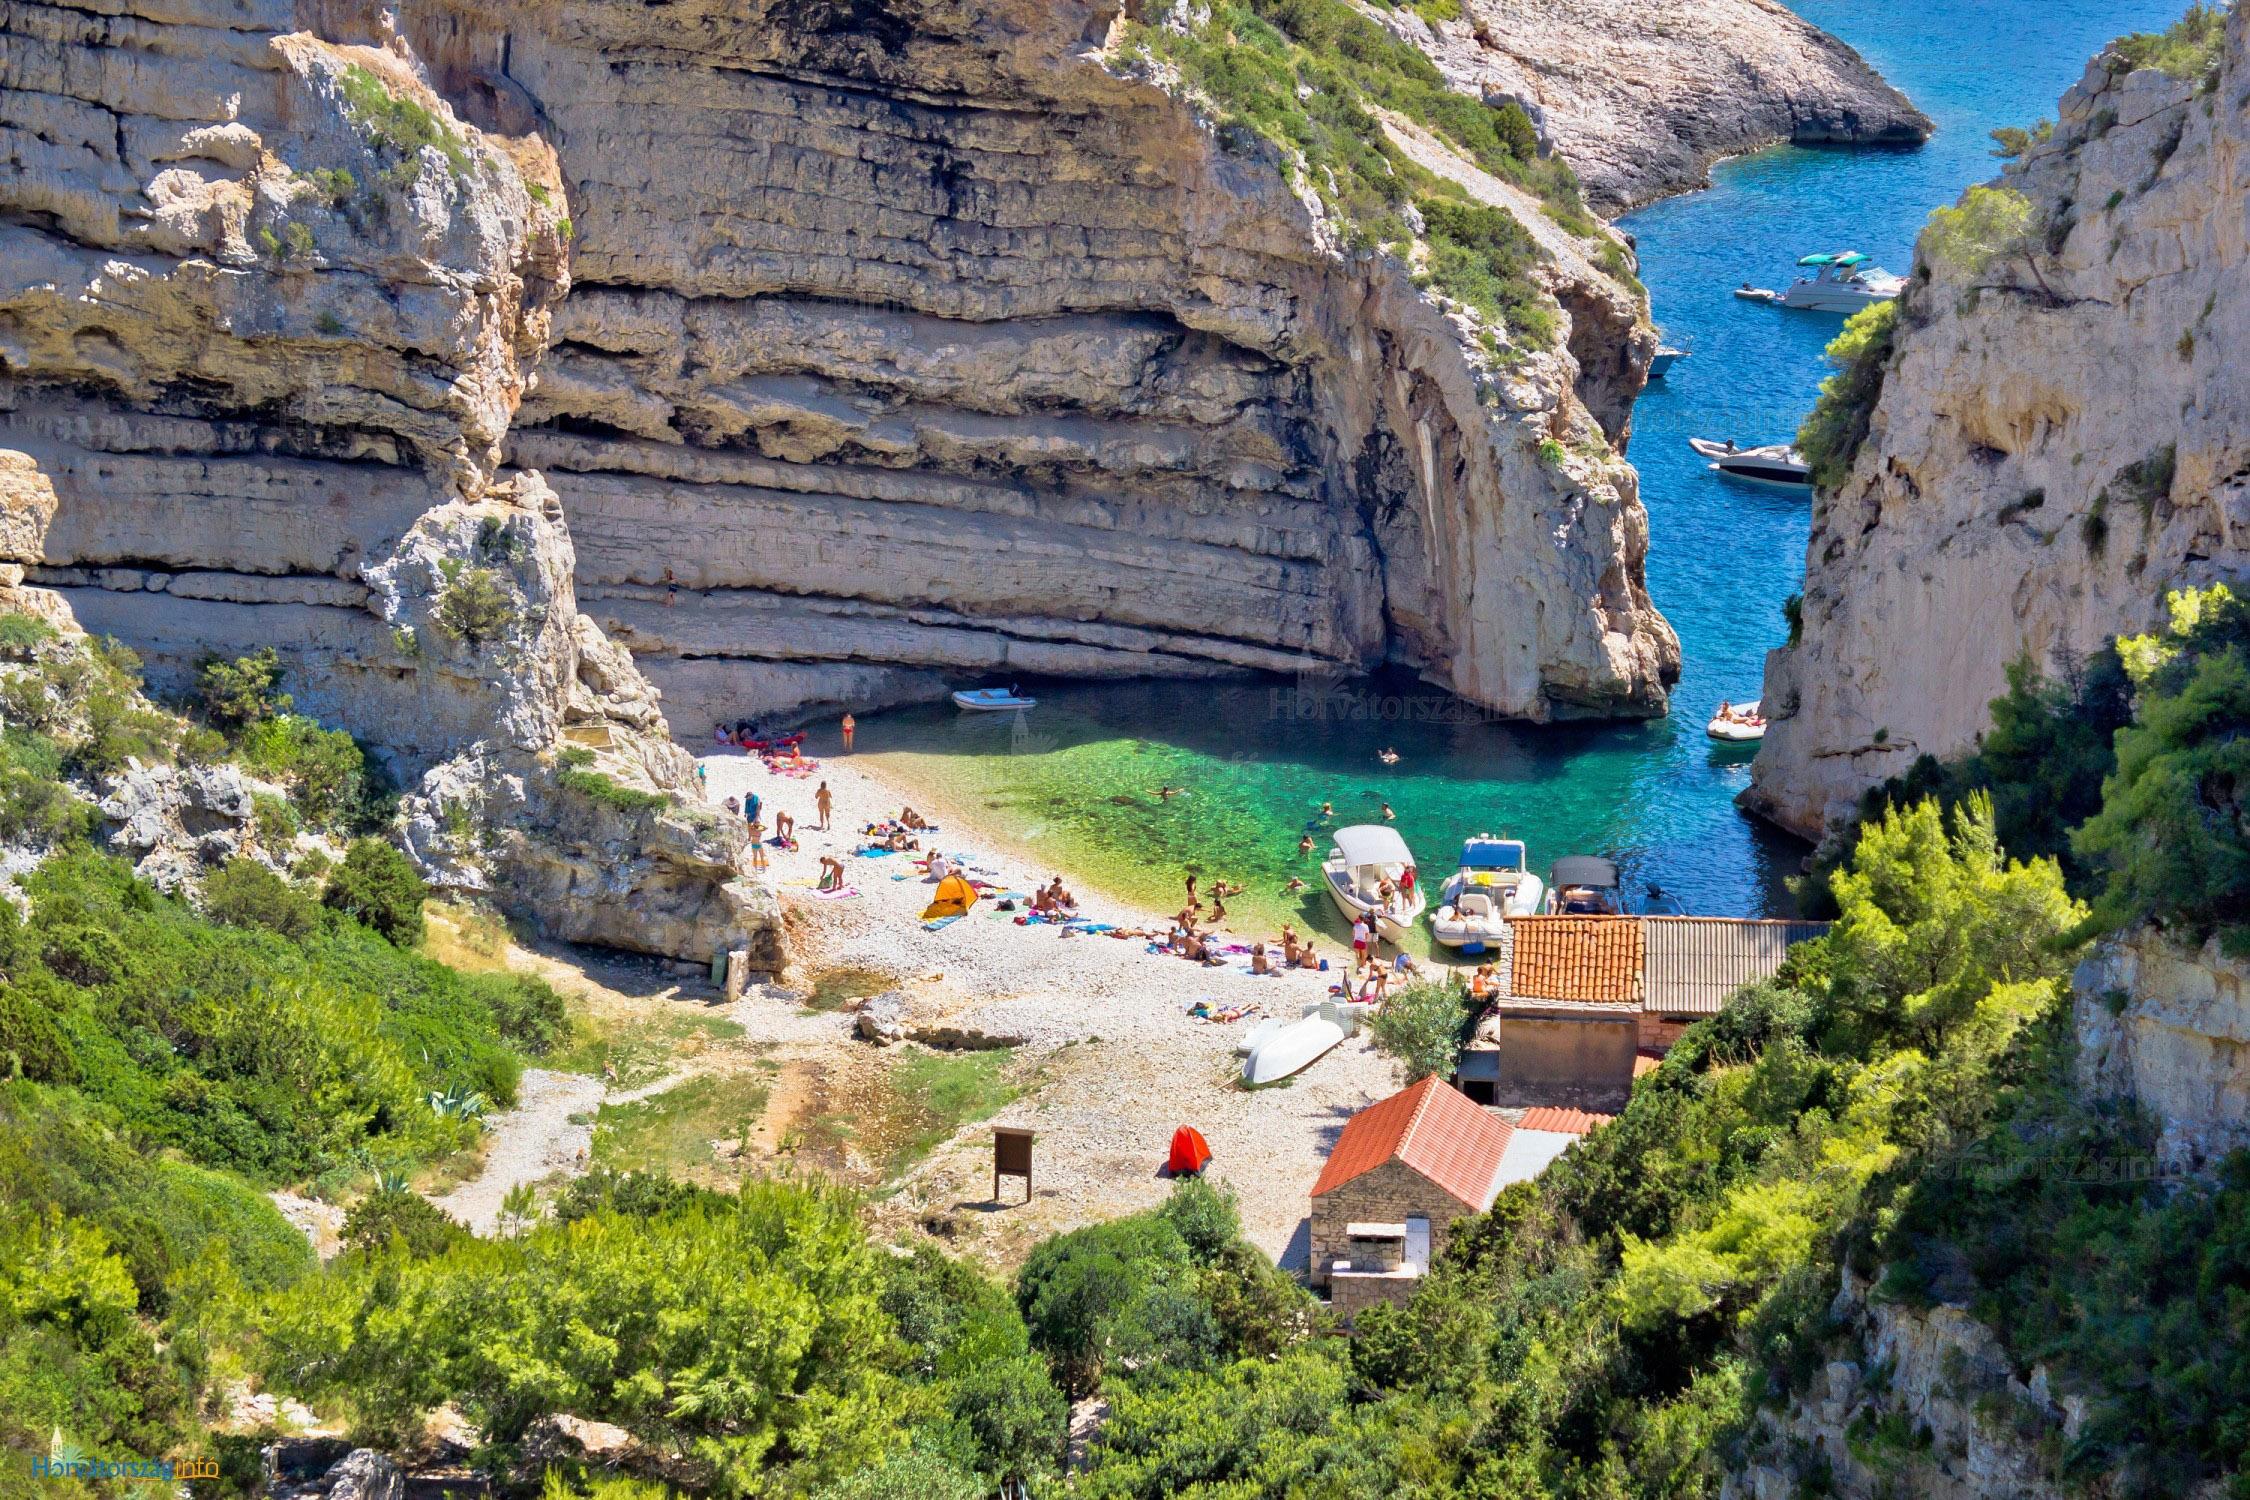 vis sziget térkép Vis sziget, Horvátország nyaralás, látnivalók, legjobb utazási